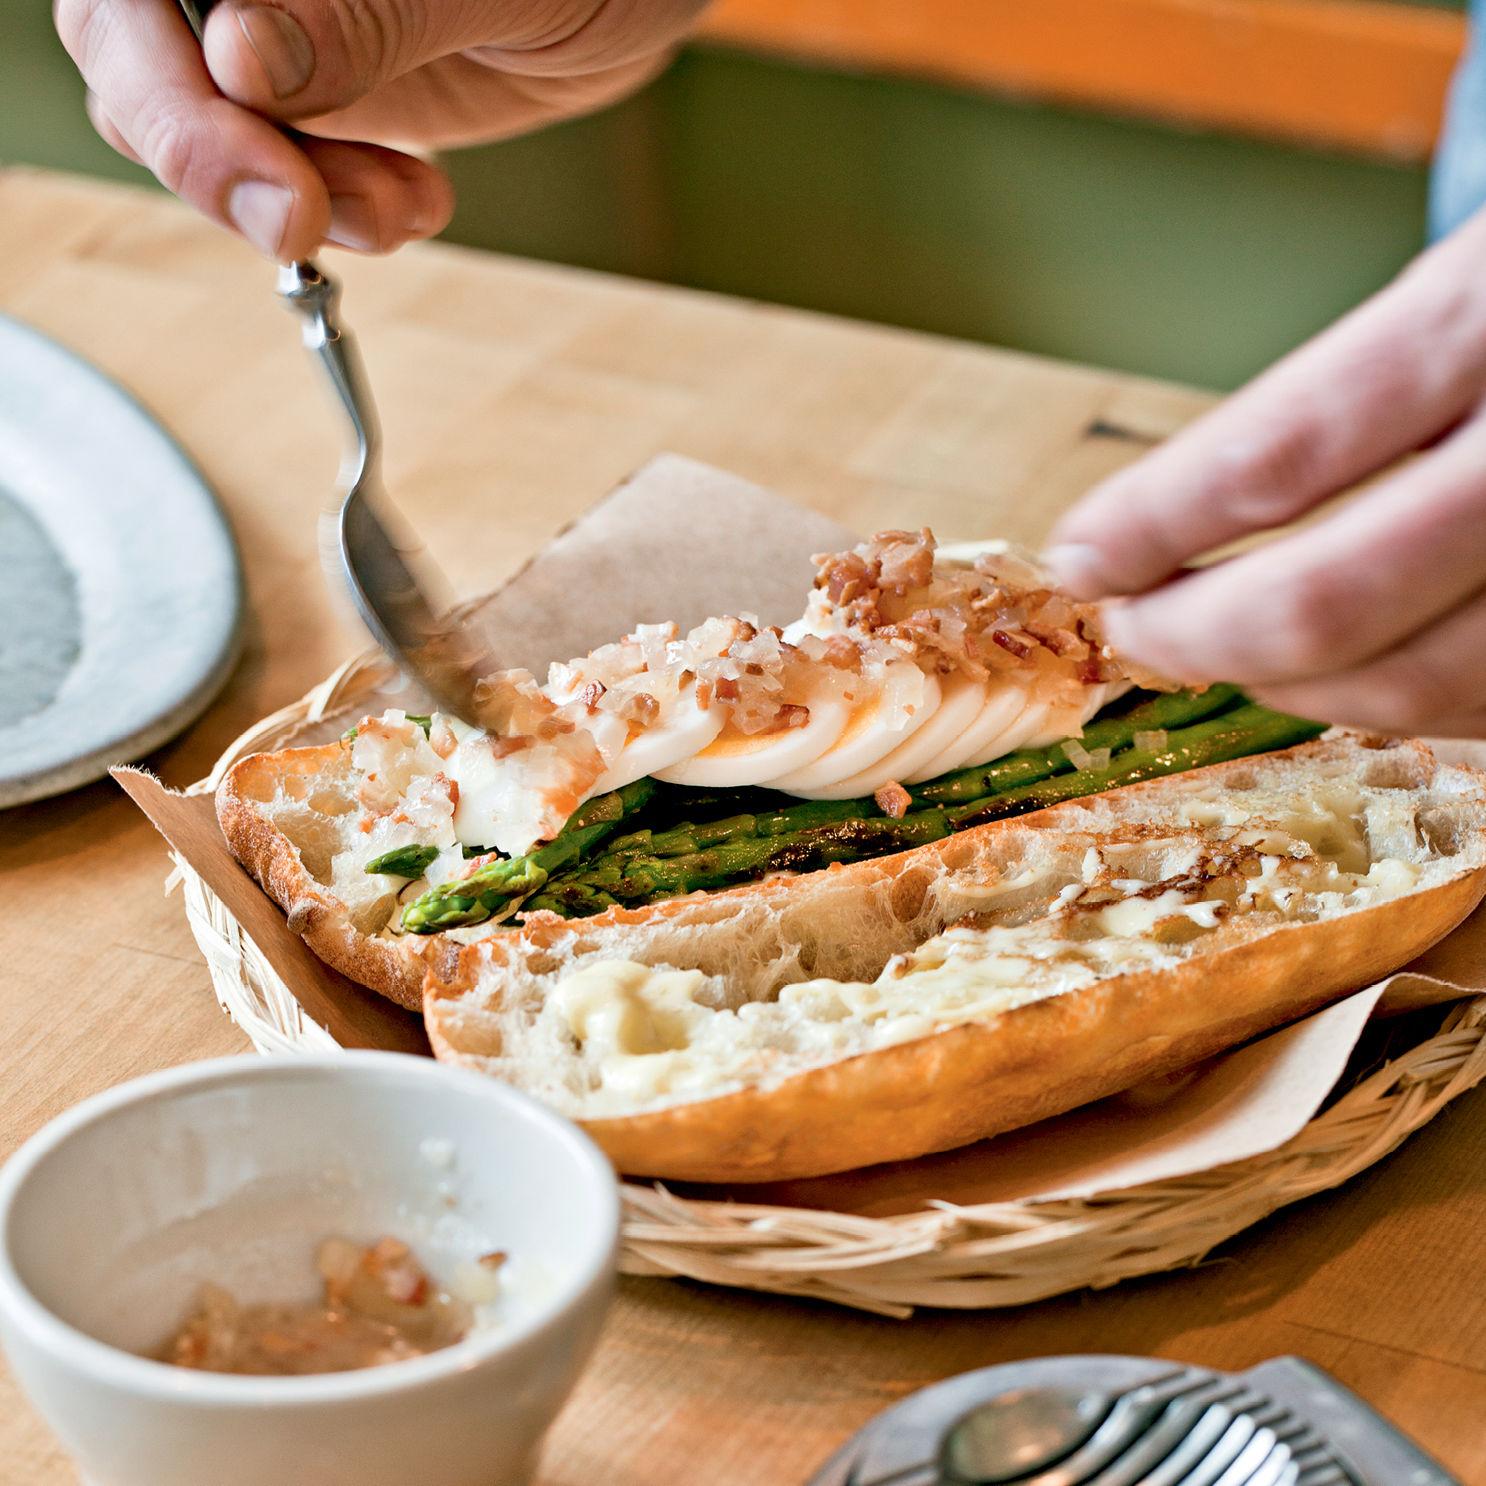 Asparagus sandwich rg9fah